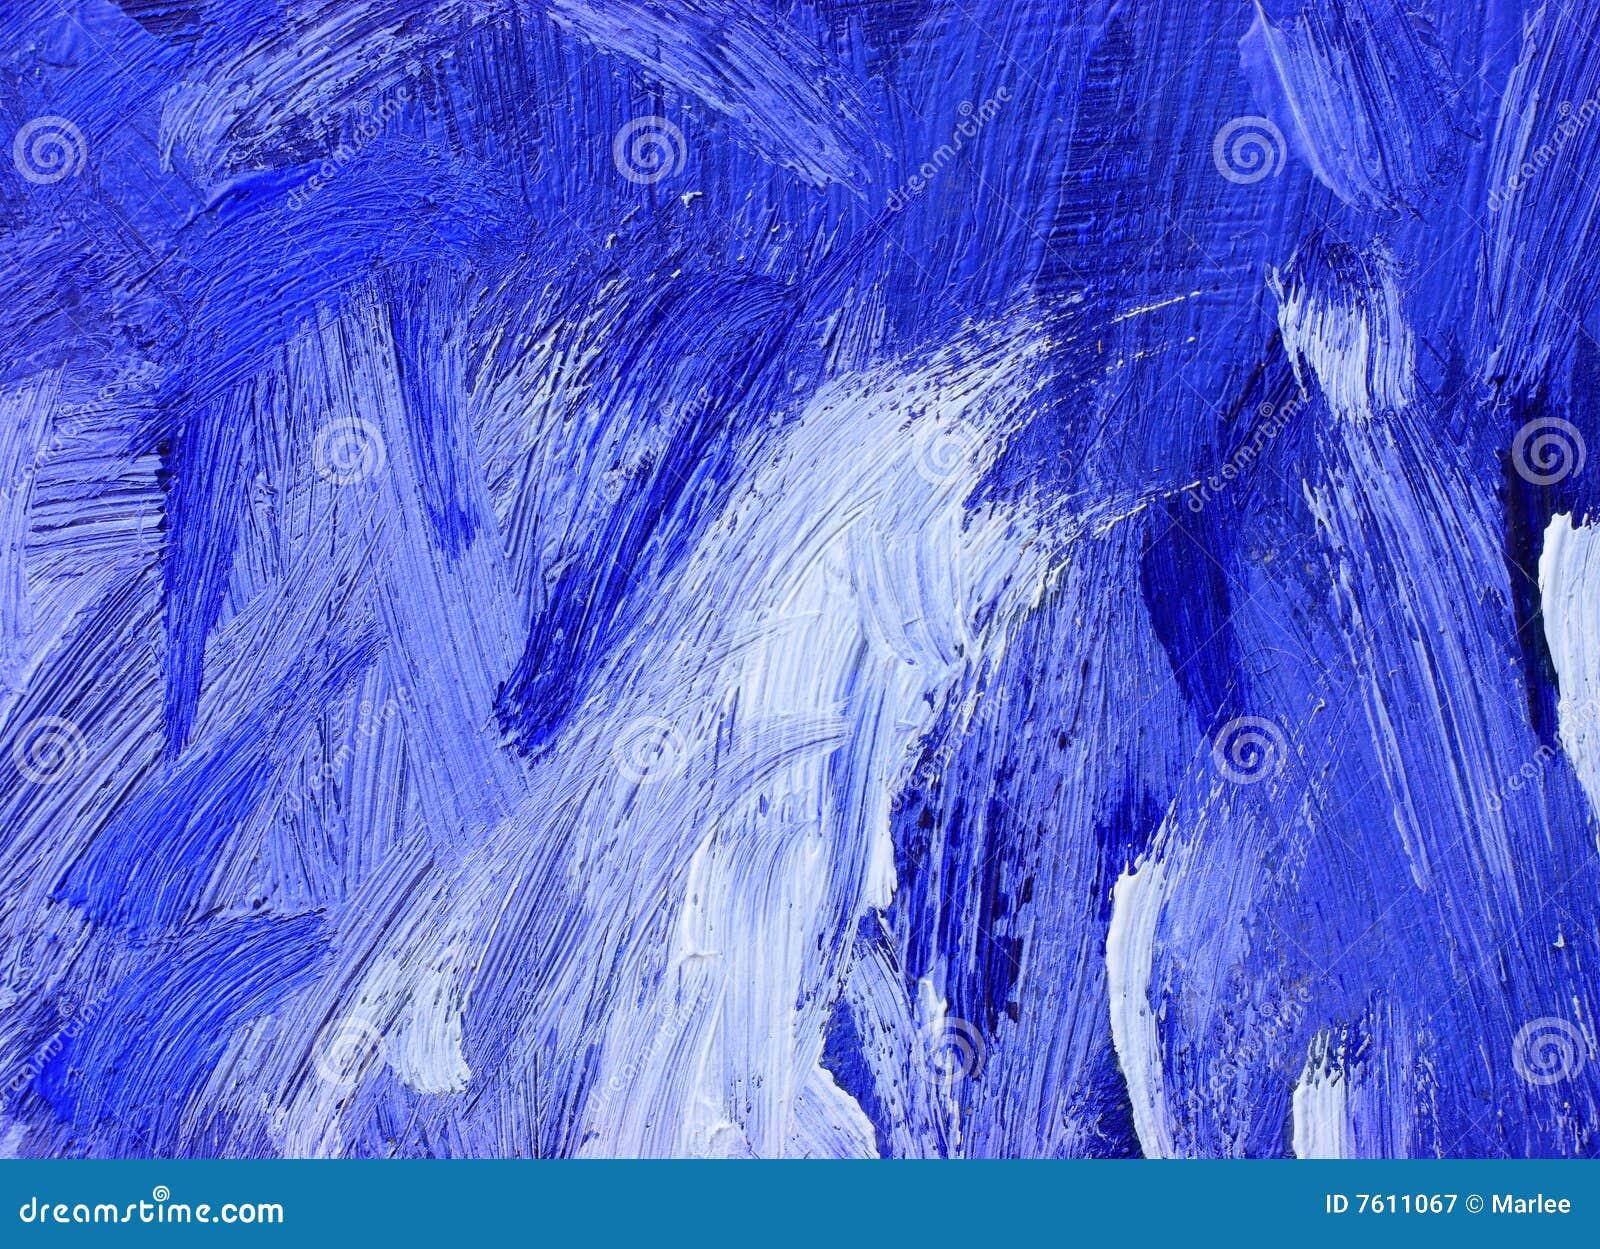 抽象背景油画